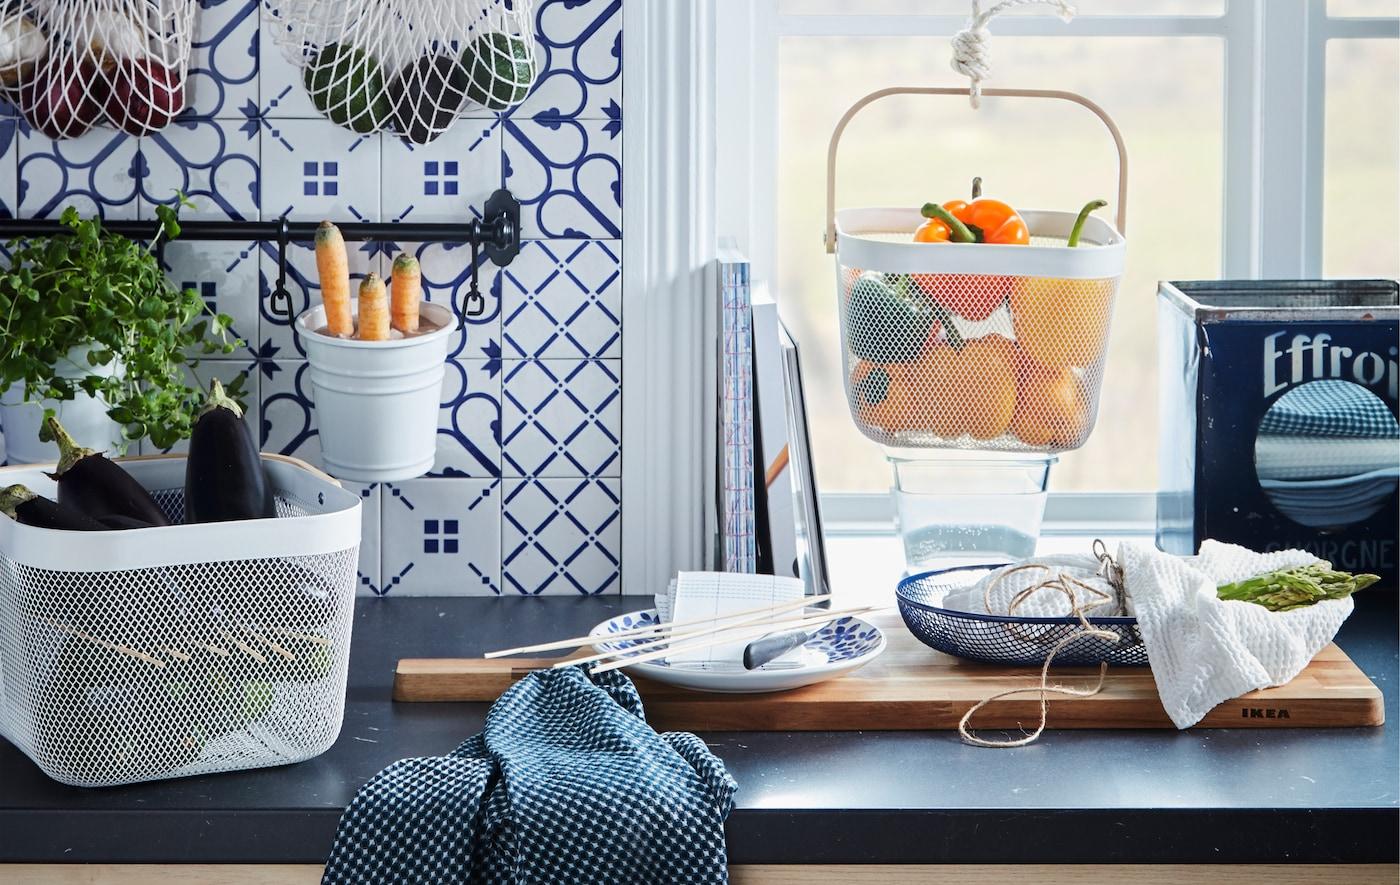 Blat de bucătărie cu diferite produse păstrate în recipiente suspendate sau stabile, precum plasele KUNGSFORS și coșurile RISATORP.